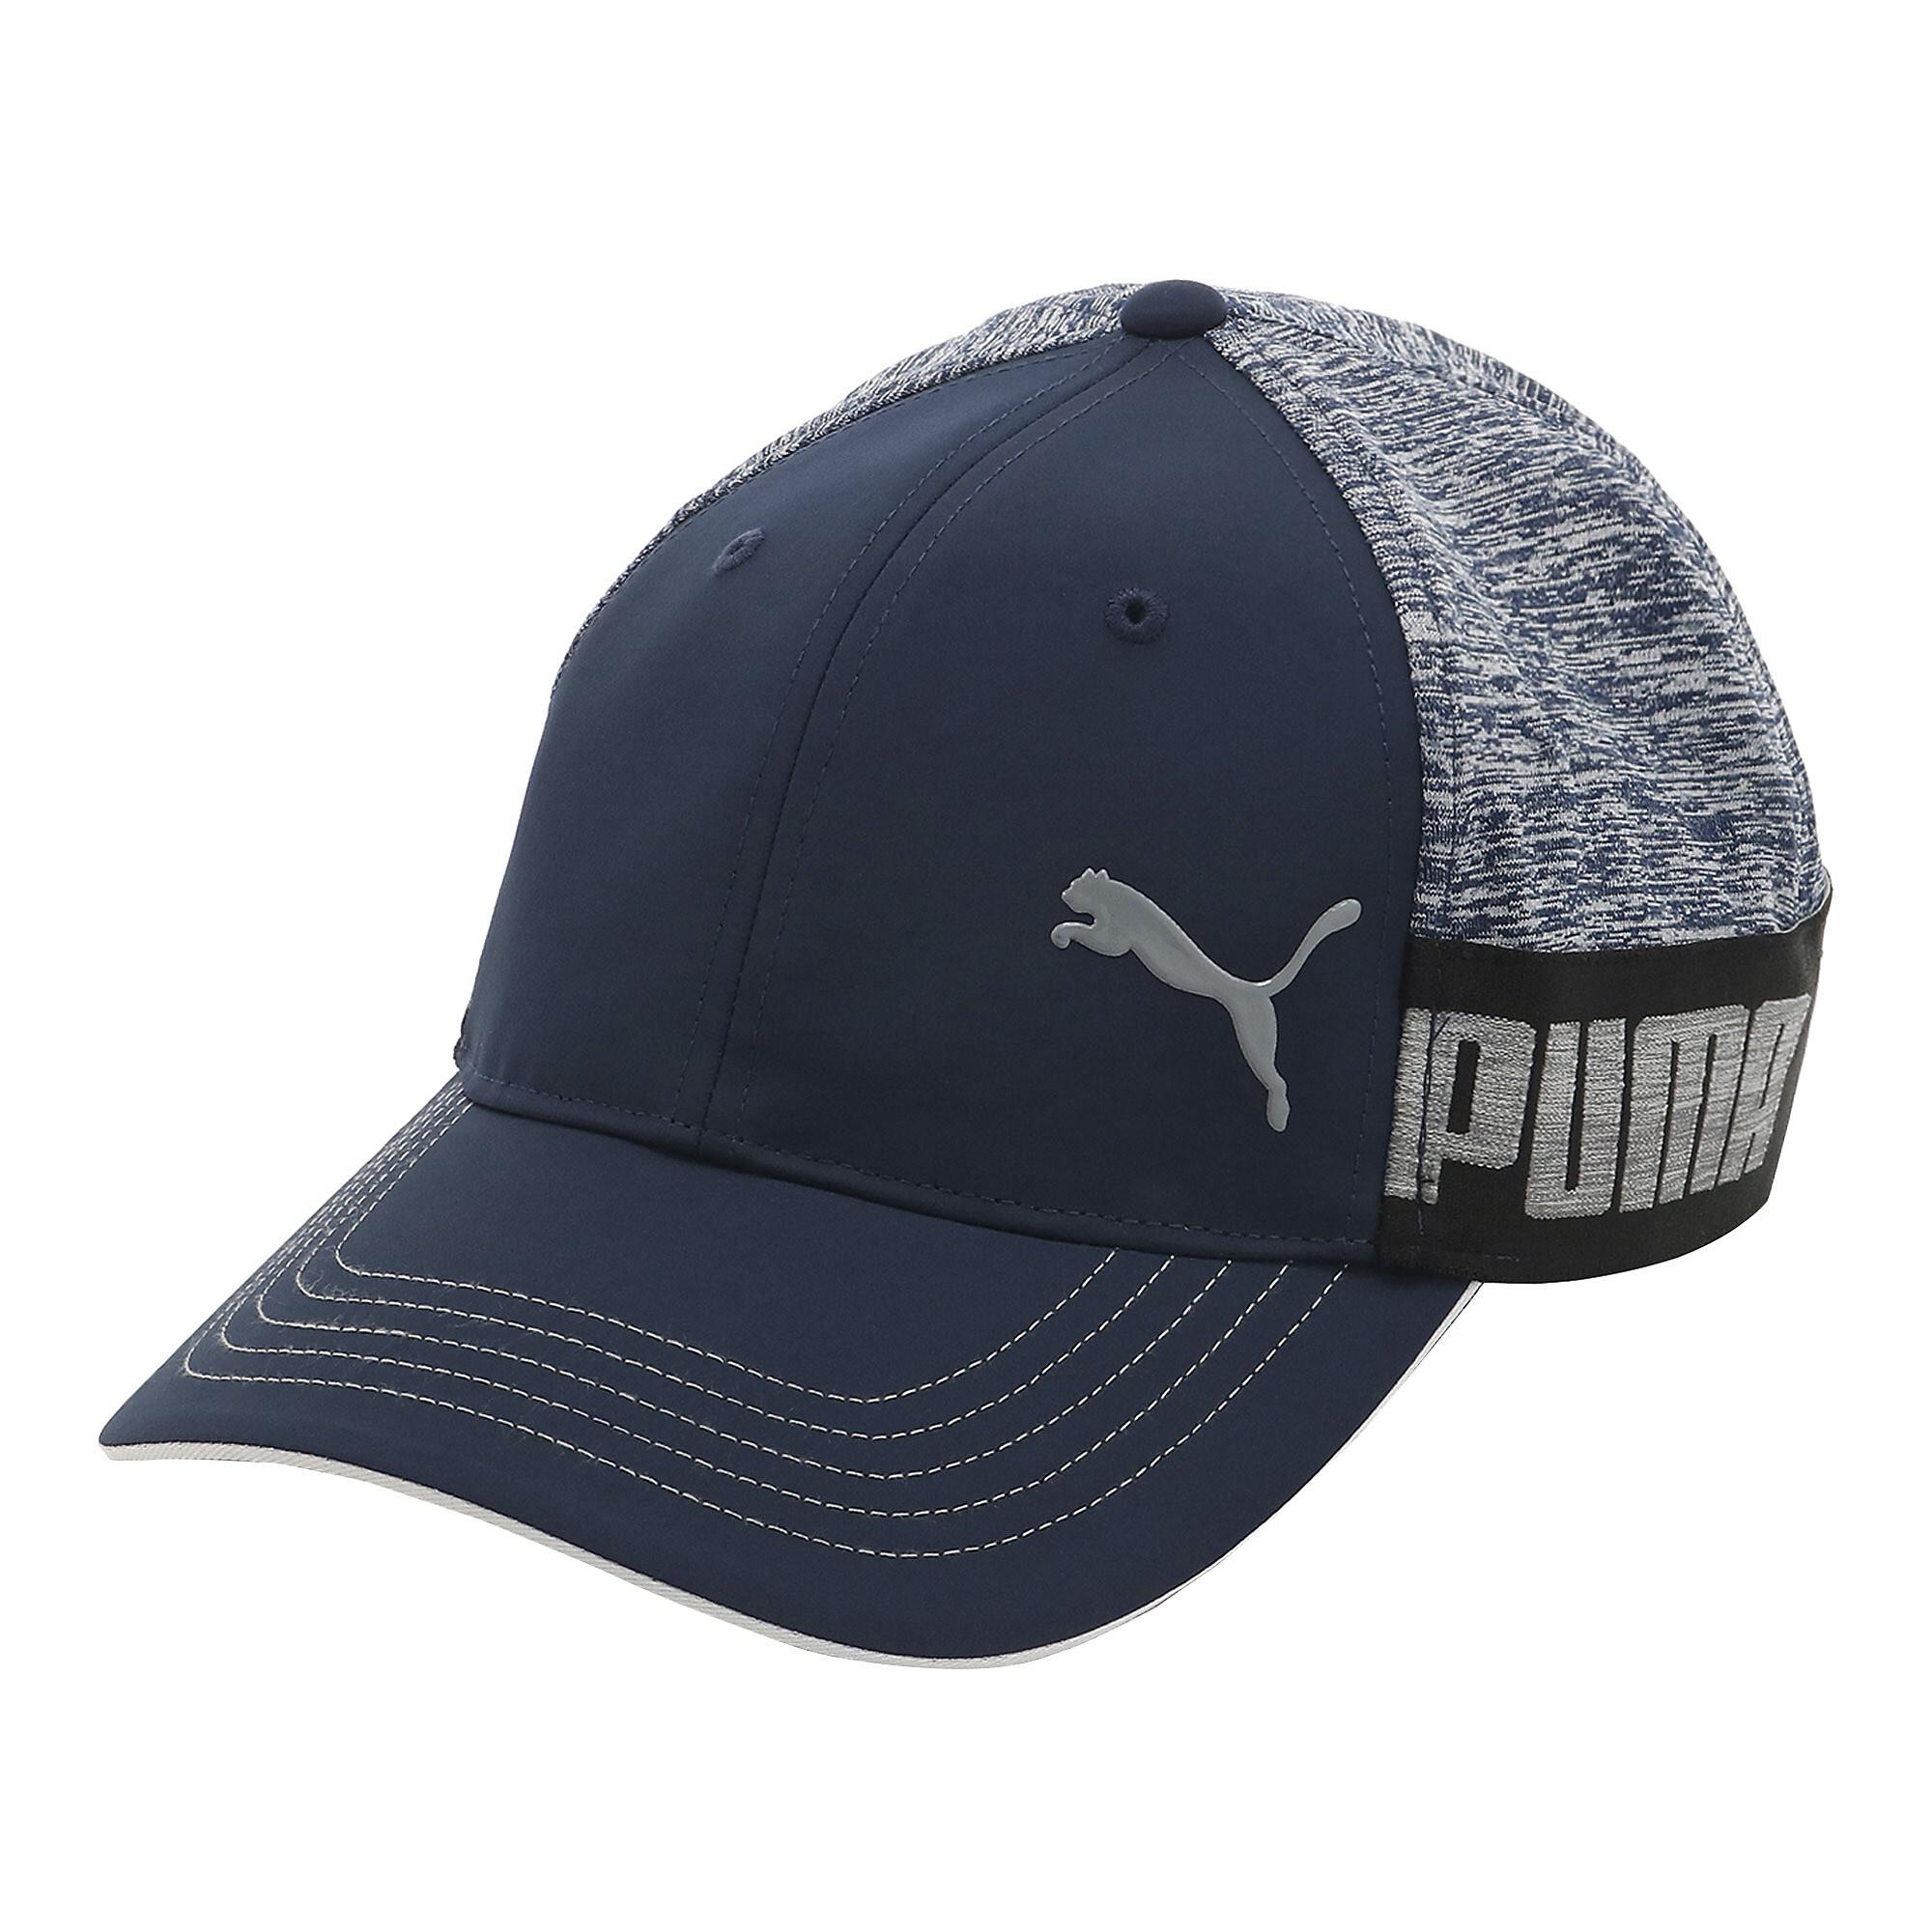 【プーマ公式通販】 プーマ ゴルフ ストレッチバンド キャップ メンズ Peacoat |PUMA.com